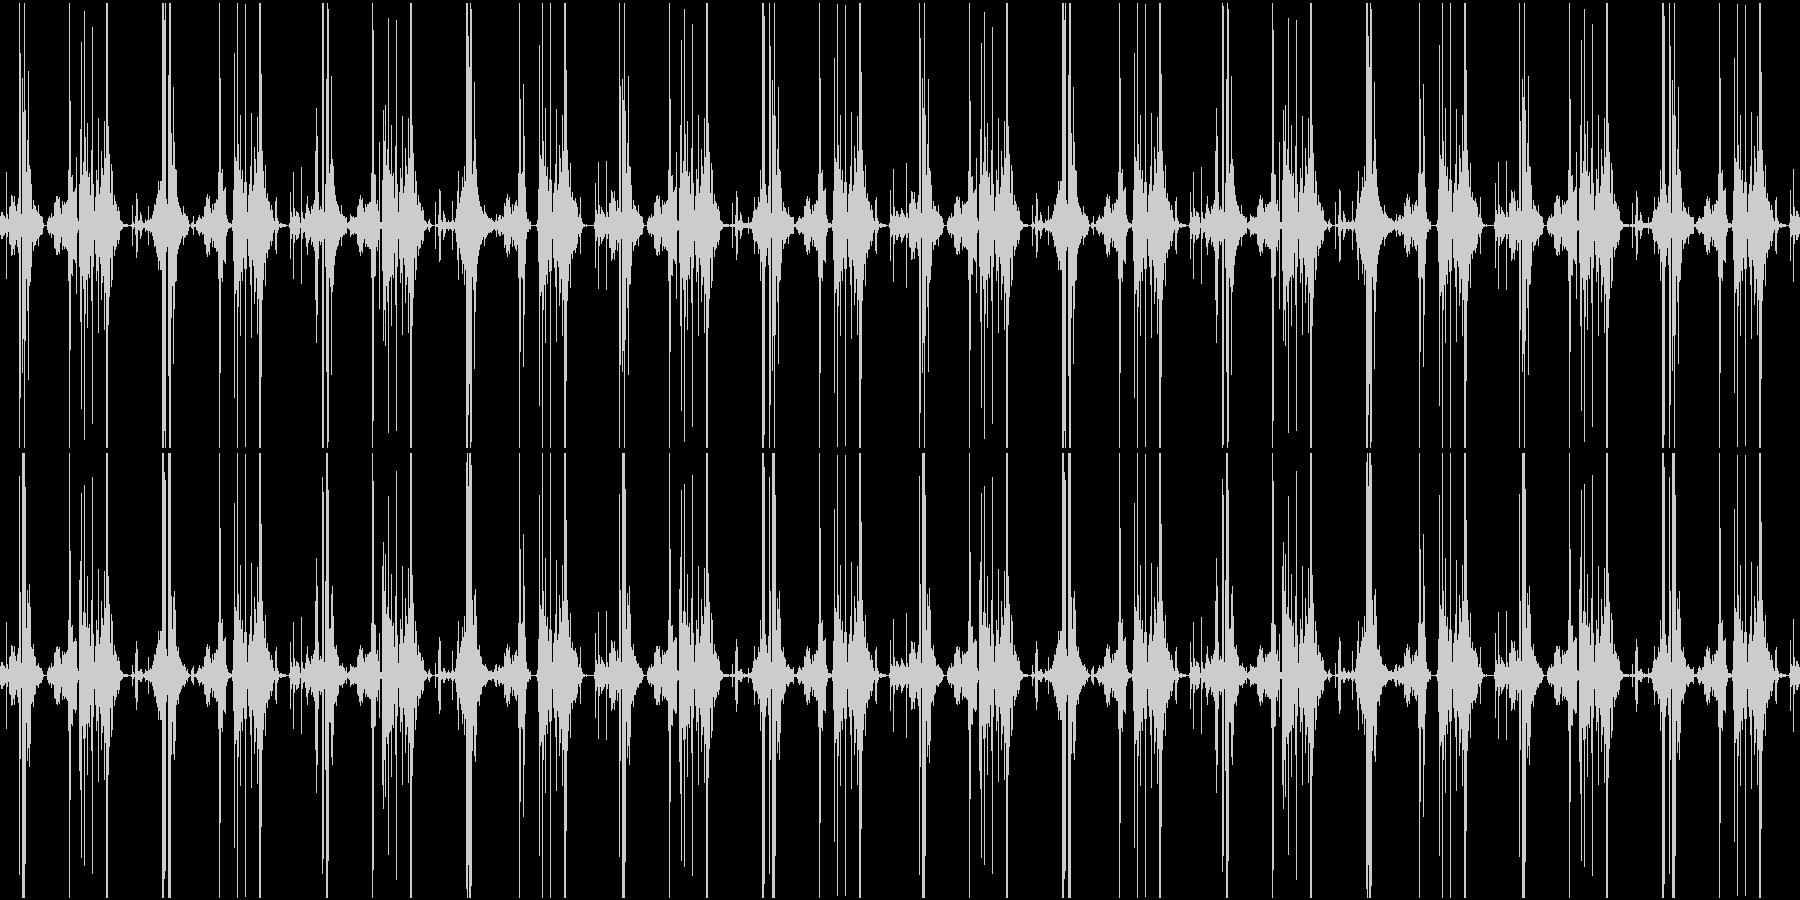 ファンタジー作品向けヘンテコ機械稼働音の未再生の波形